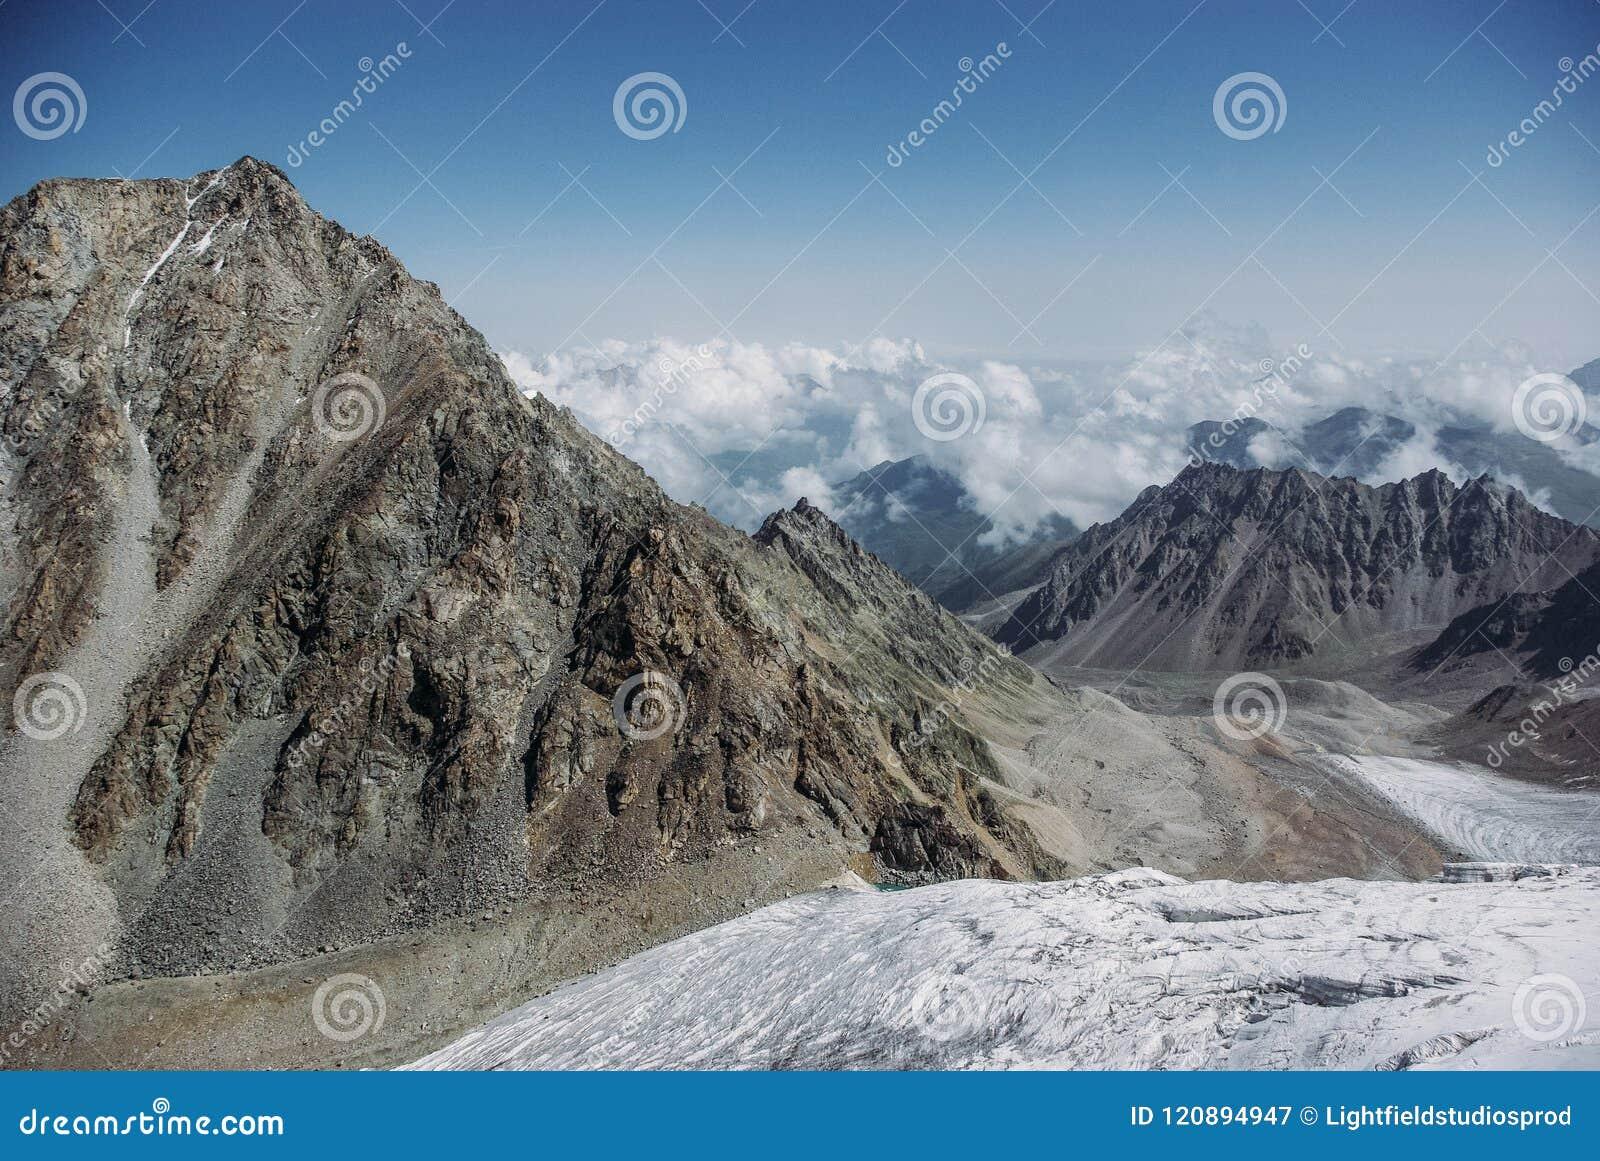 καταπληκτική άποψη του τοπίου βουνών με το χιόνι, Ρωσική Ομοσπονδία, Καύκασος,